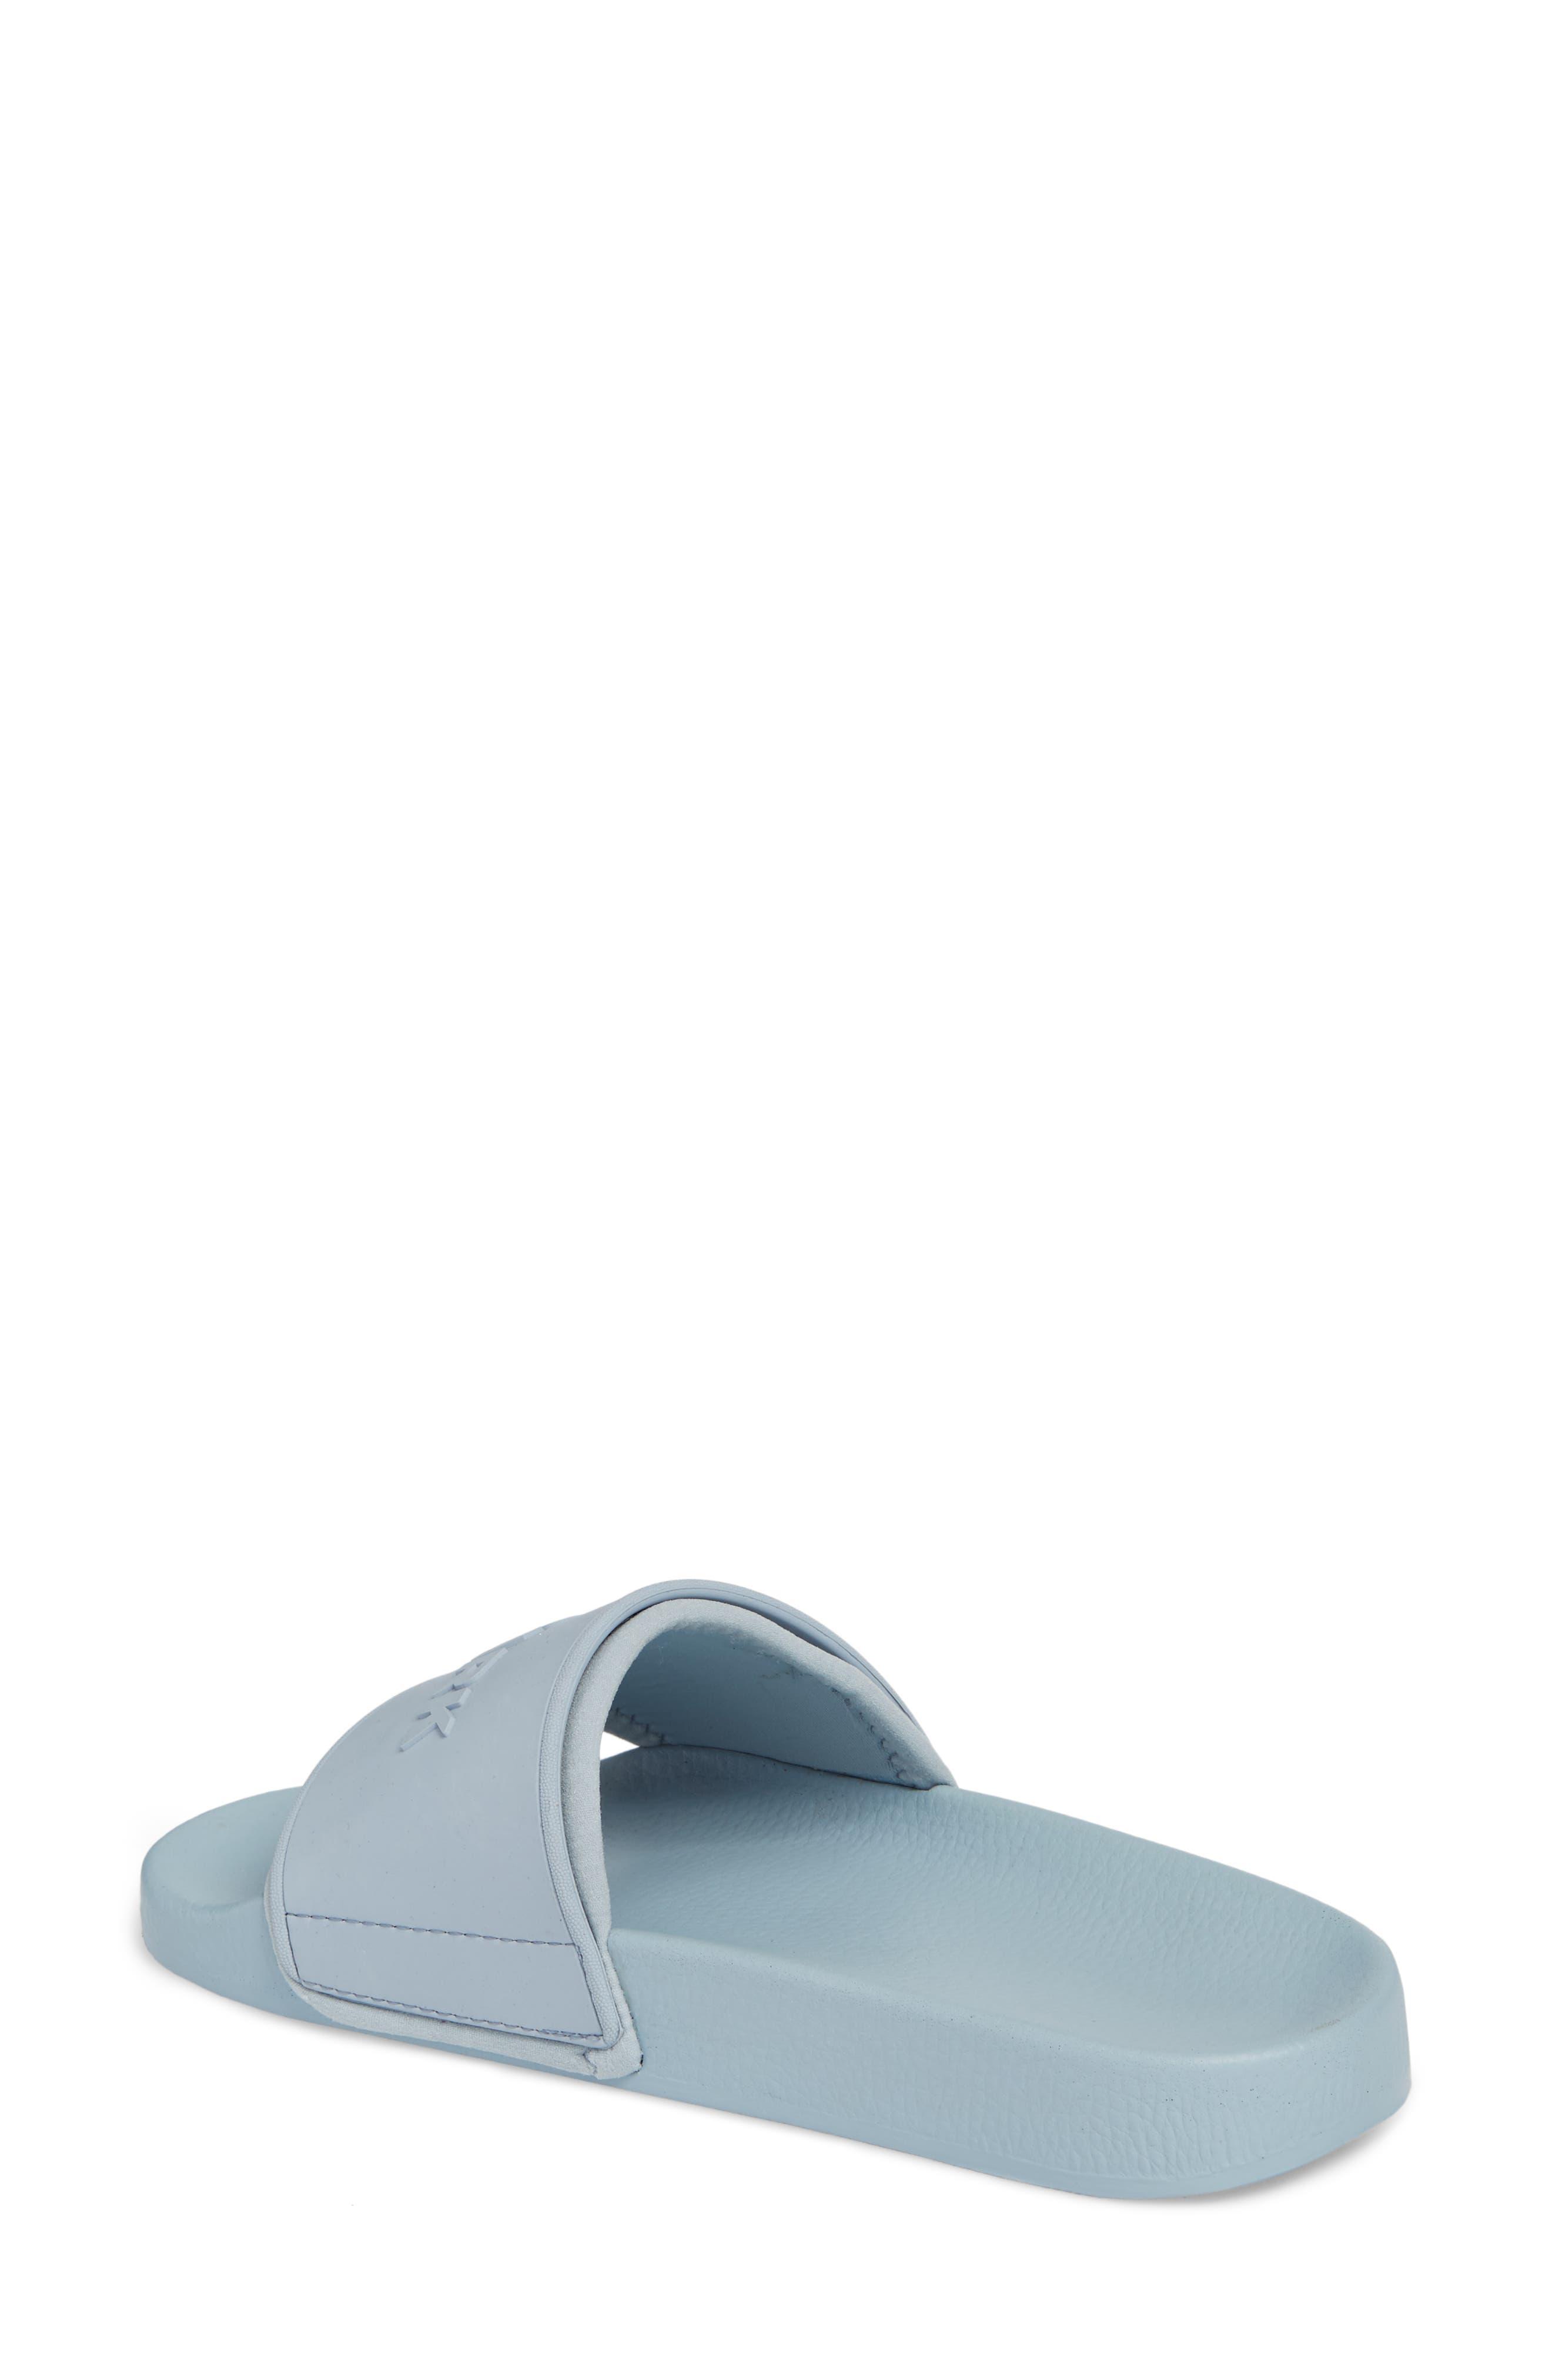 Alternate Image 2  - IVY PARK® Embossed Neoprene Lined Slide Sandal (Women)